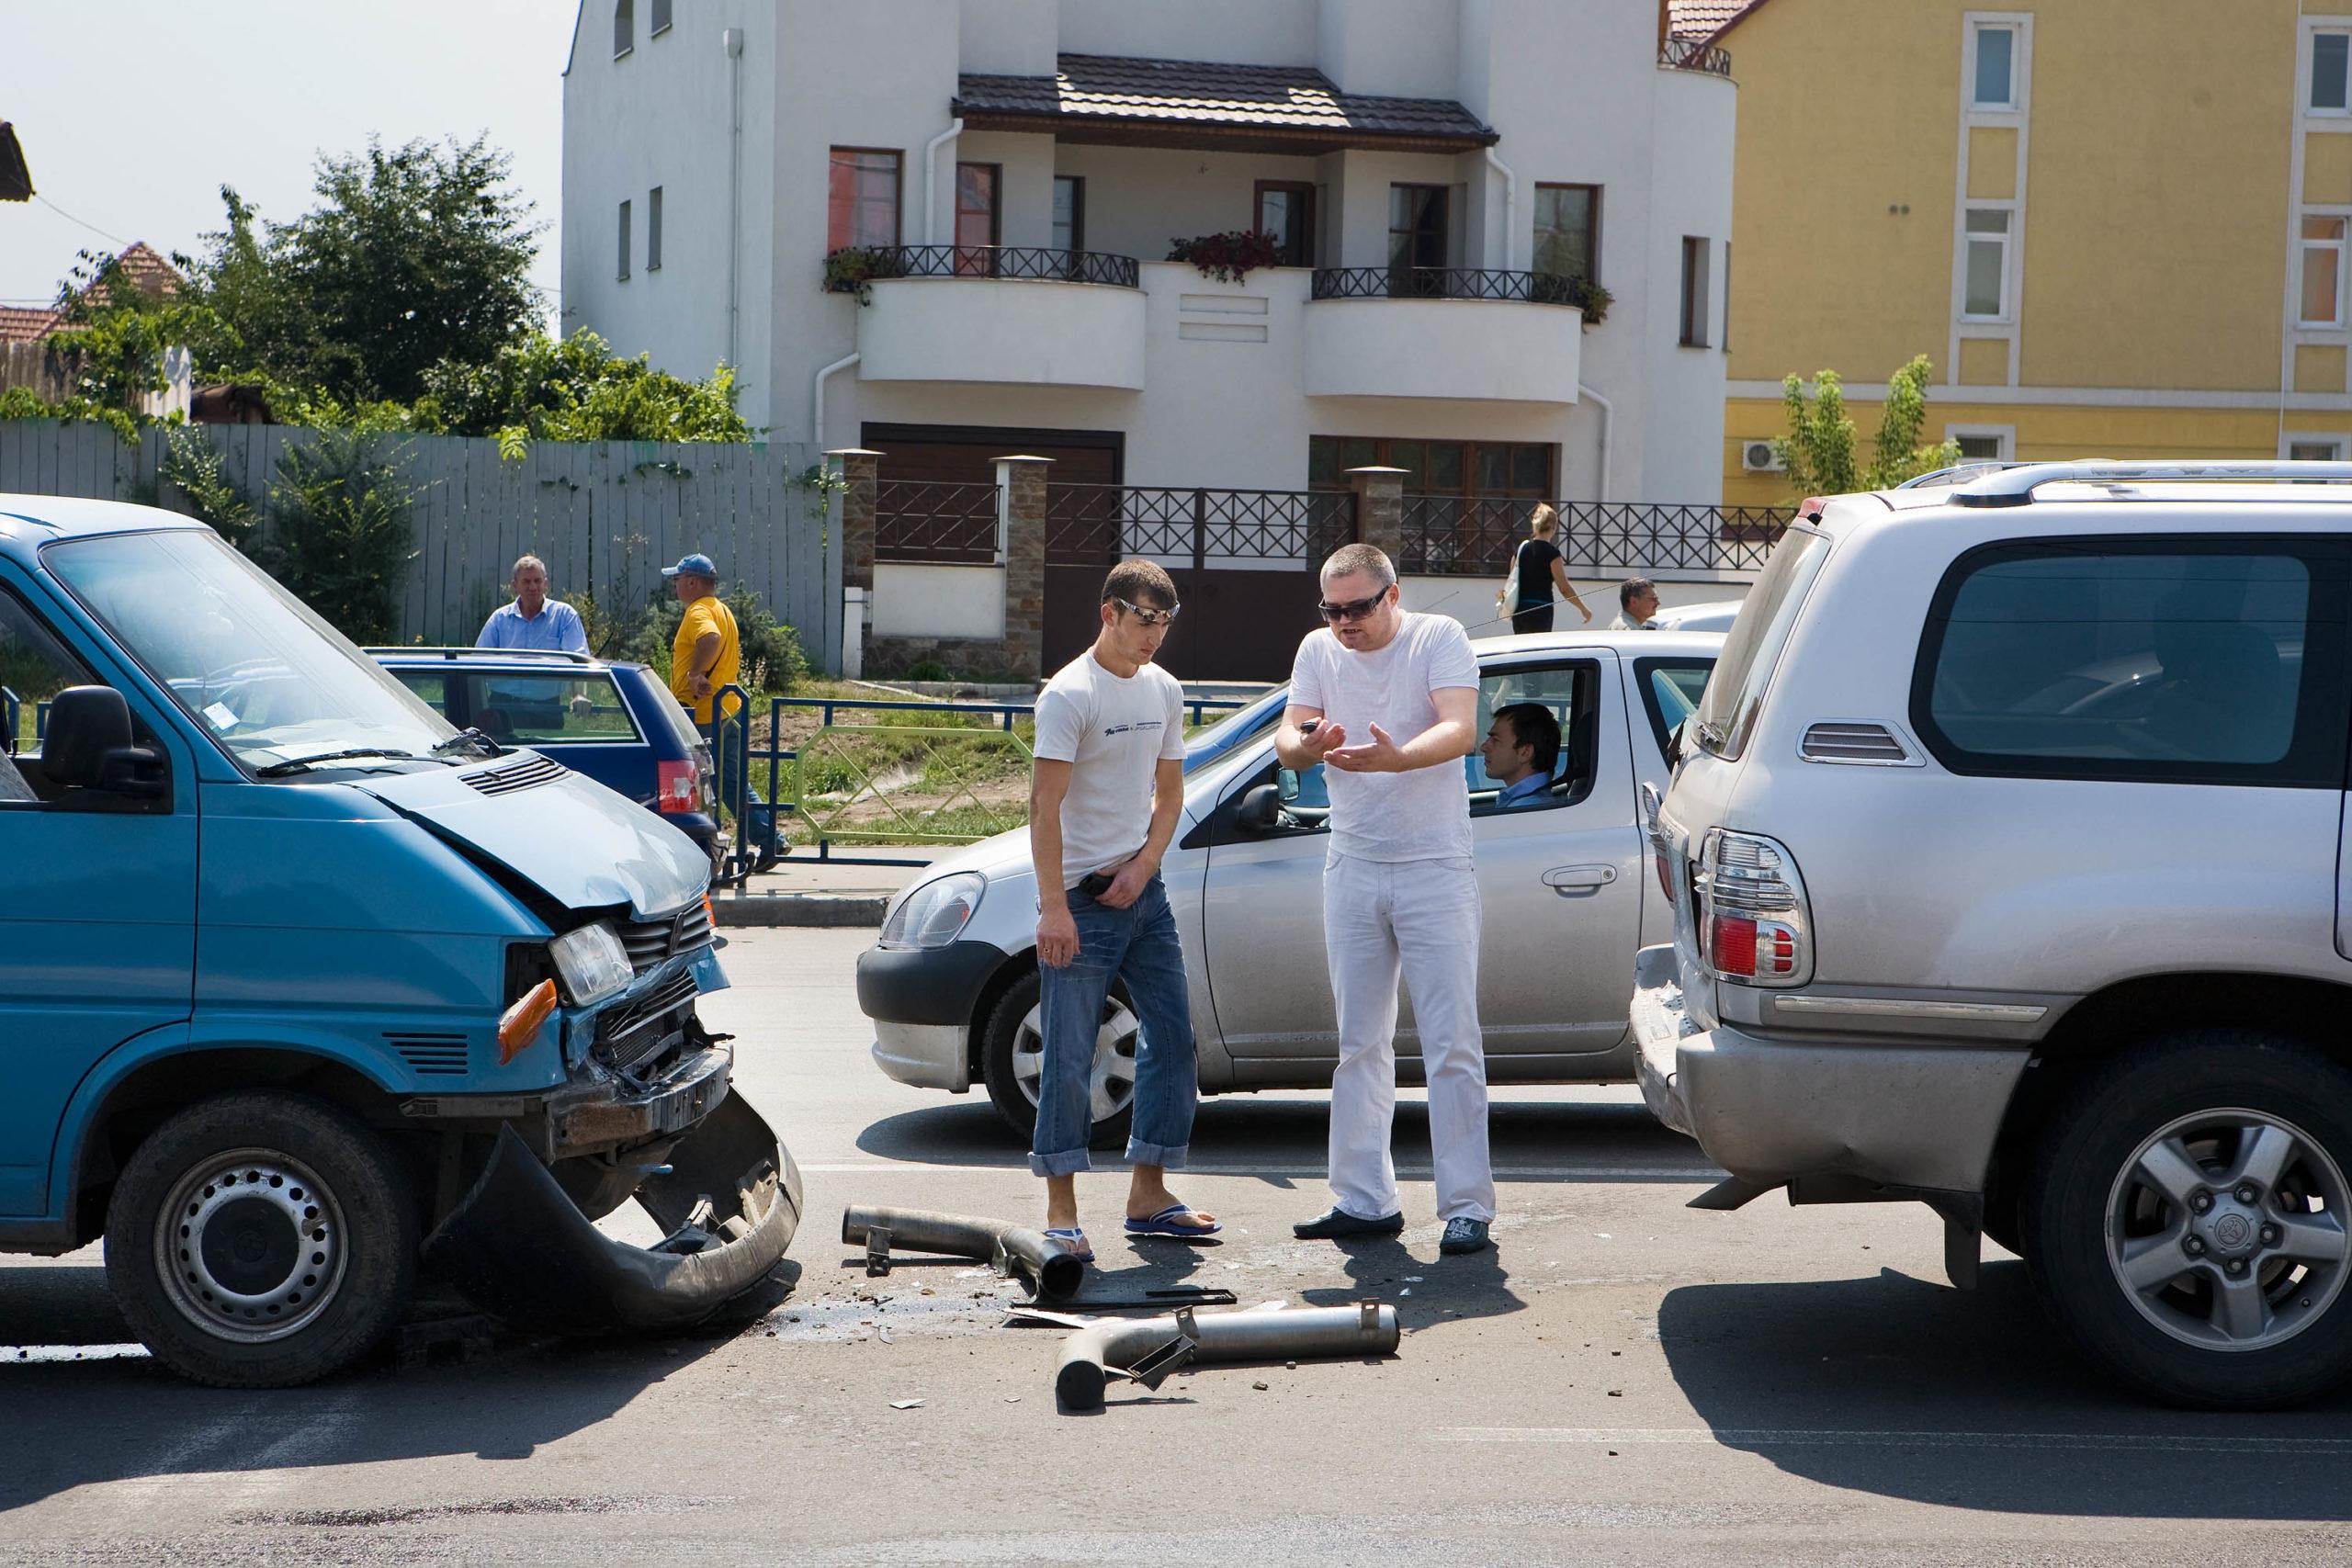 Crash #1, Volkswagen vs. Toyota. Chisinau, Moldova, 2008